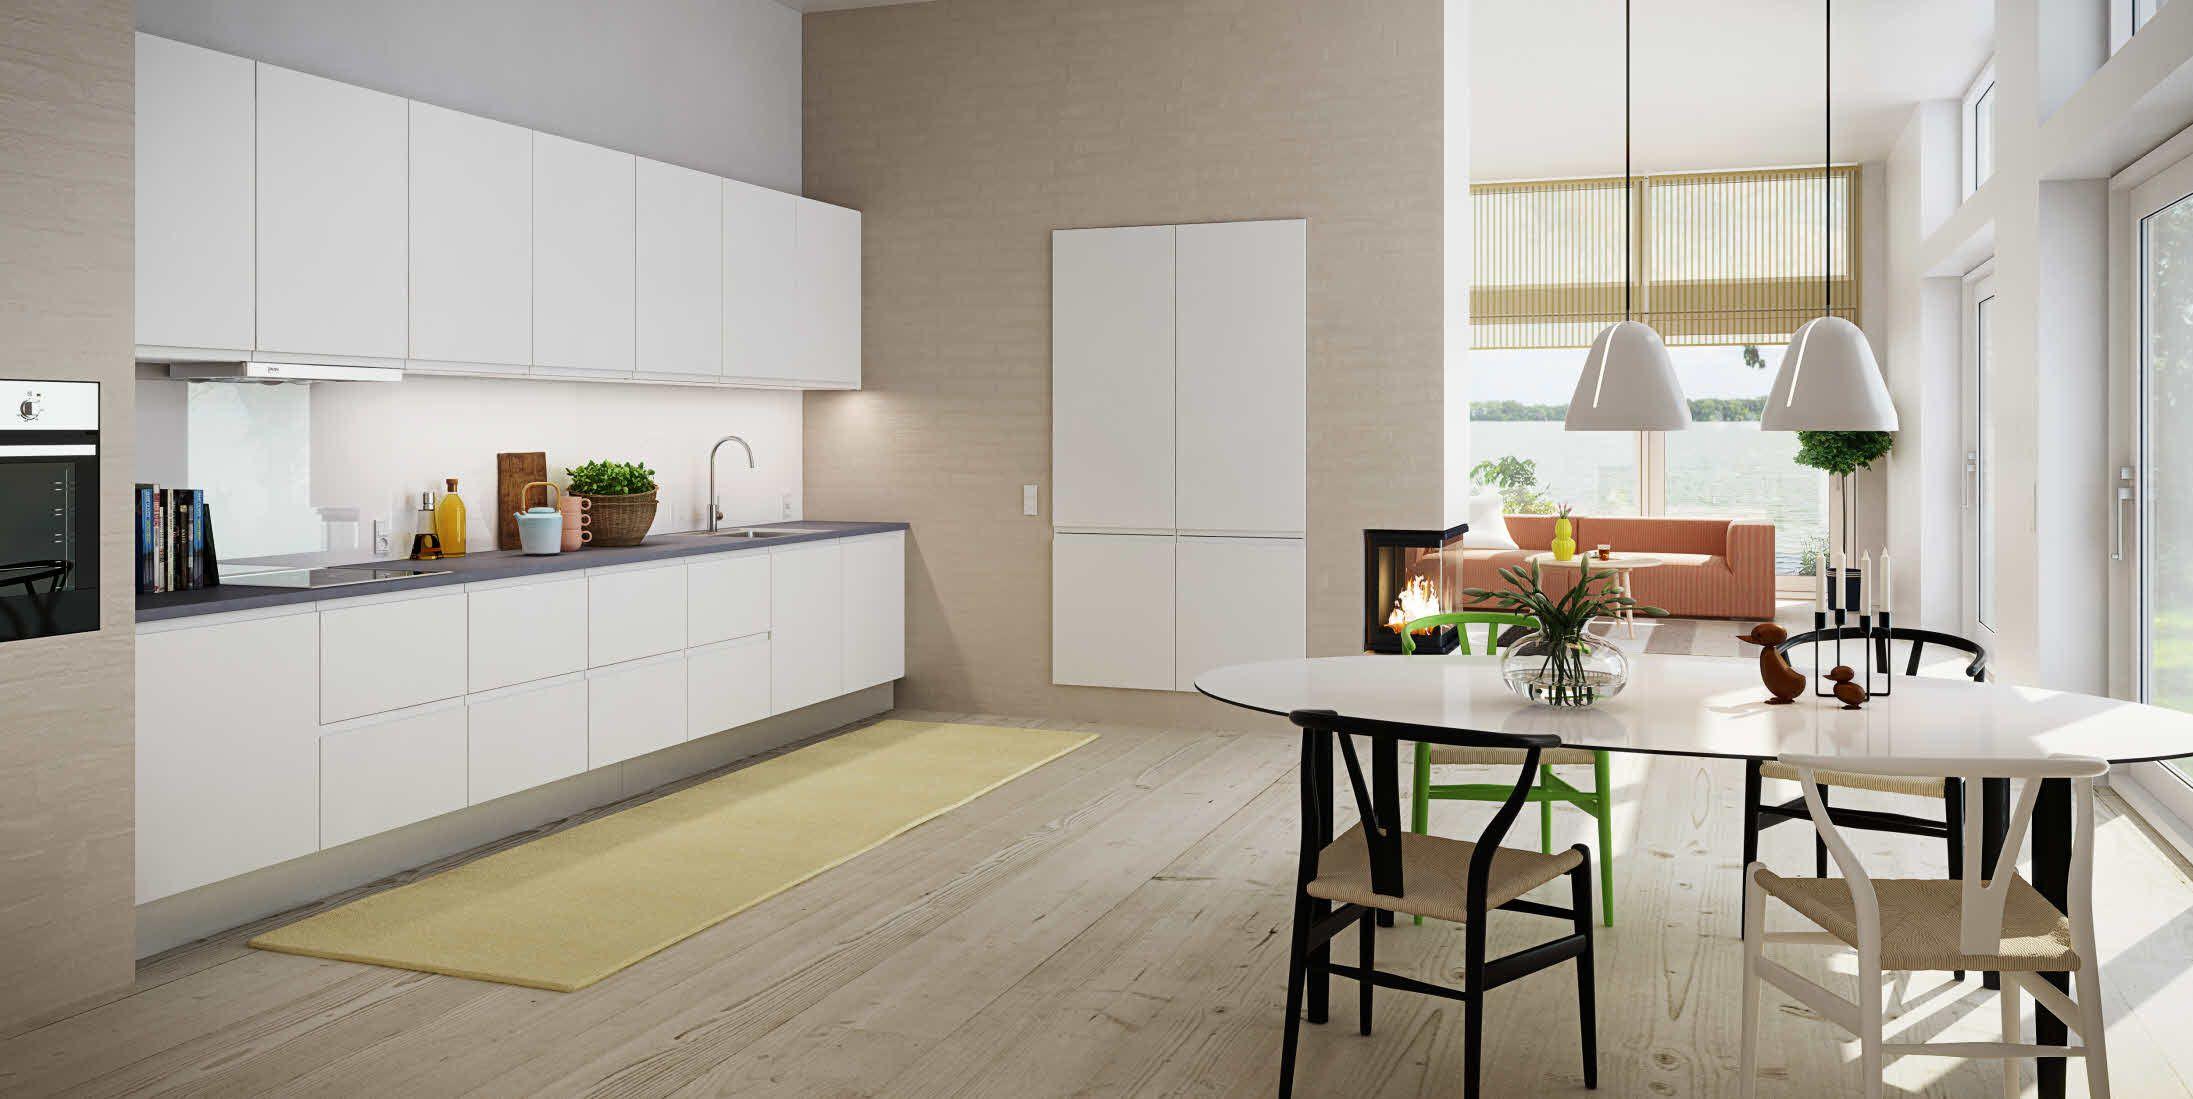 carat küchenplanung bestmögliche bild oder bfabbdedfa jpg